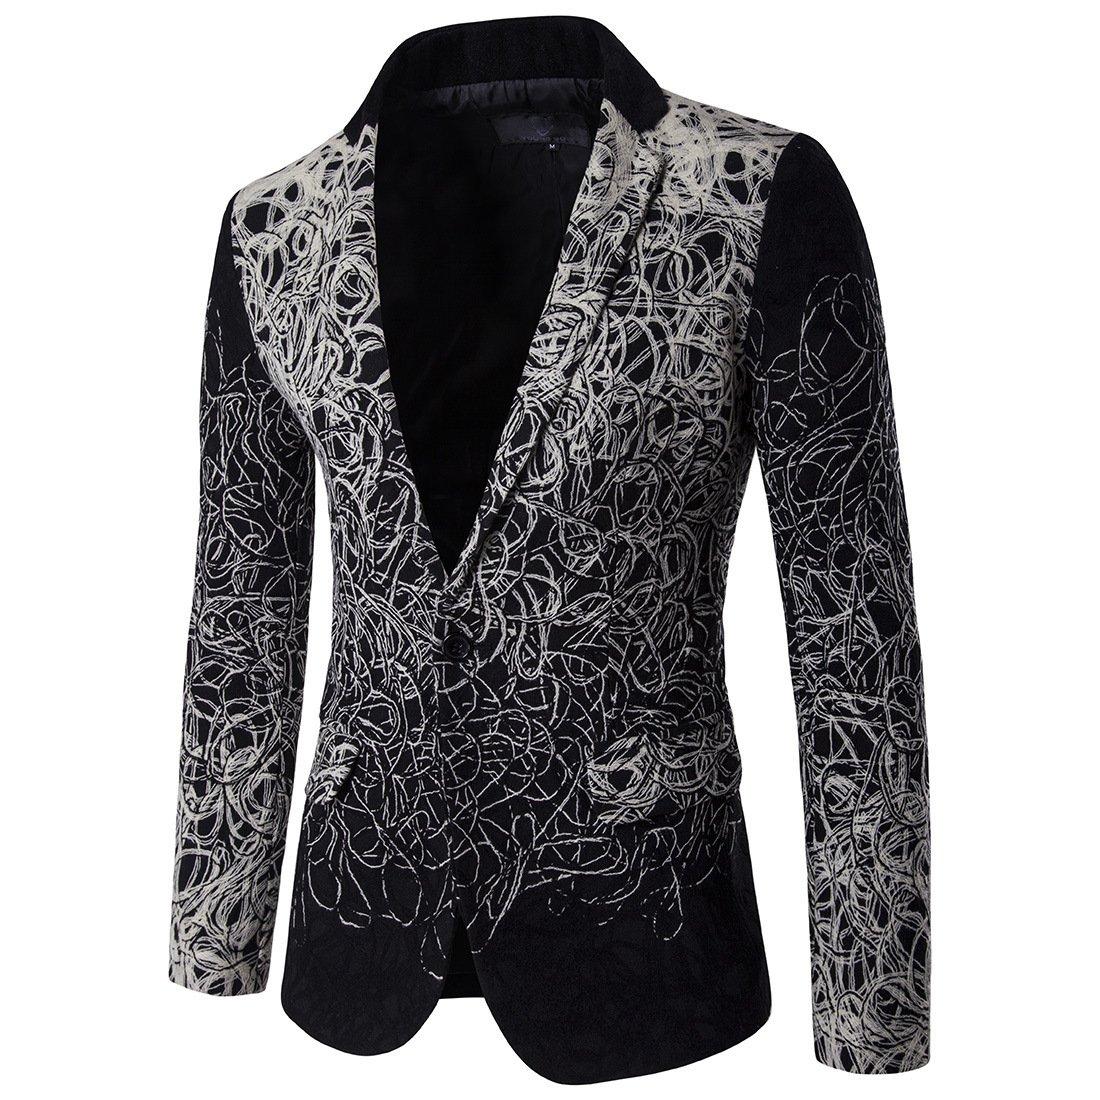 Anzug für männer, wie für die männer, die Blume für Amerikaner, schmalen Kragen für Mich, anzugträger,schwarz,XXL